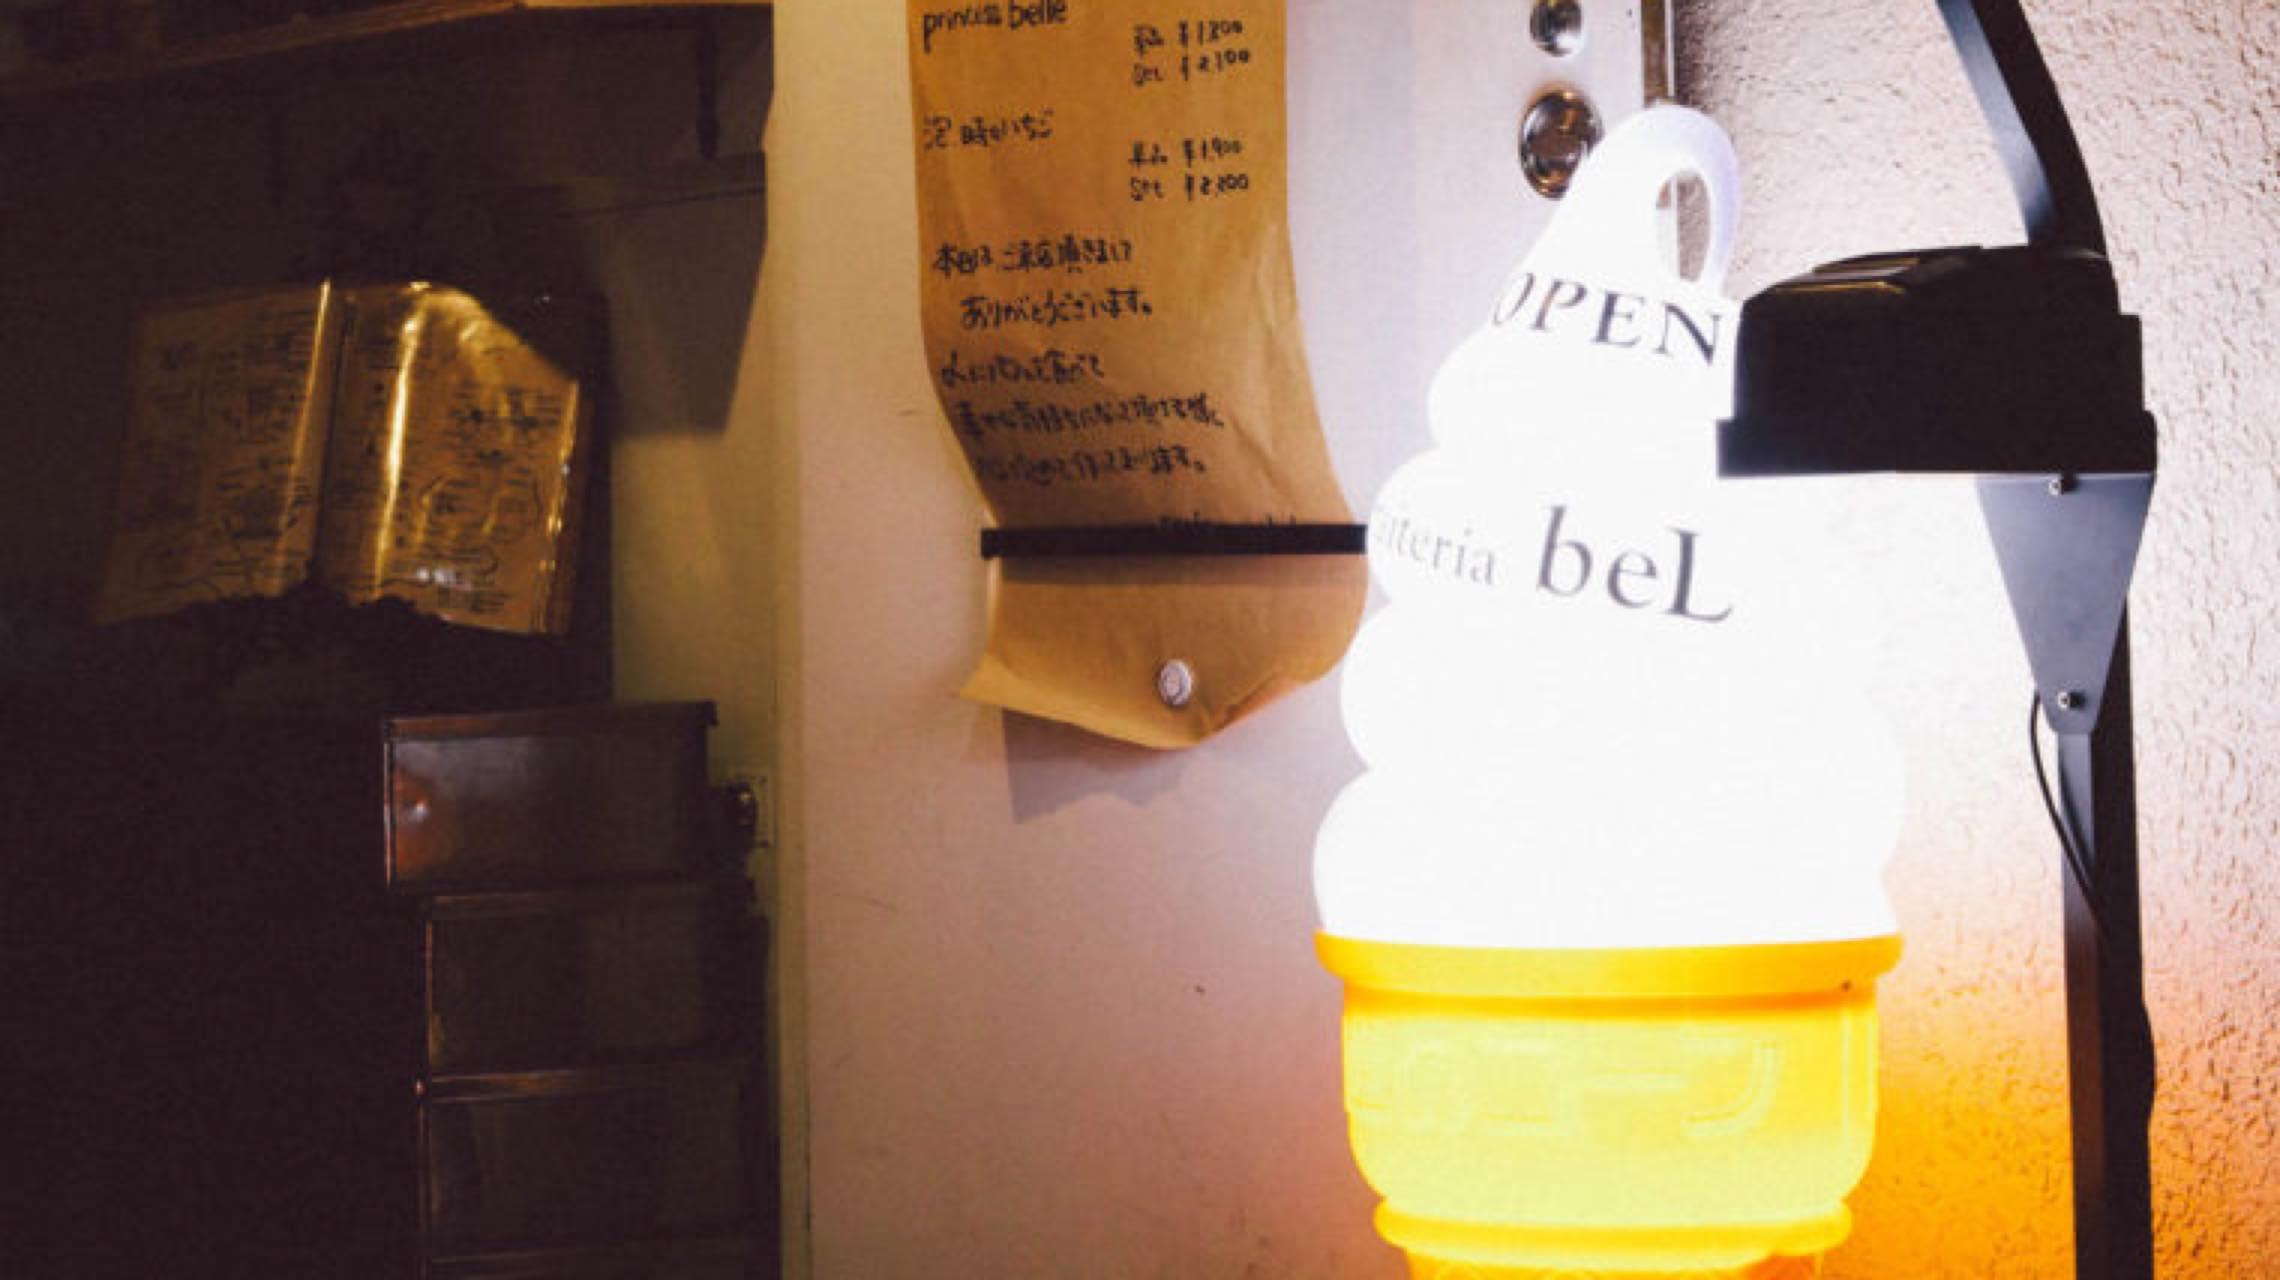 今夜、いい夢が見られるカフェ。 道玄坂「beL」のパフェで終える一日